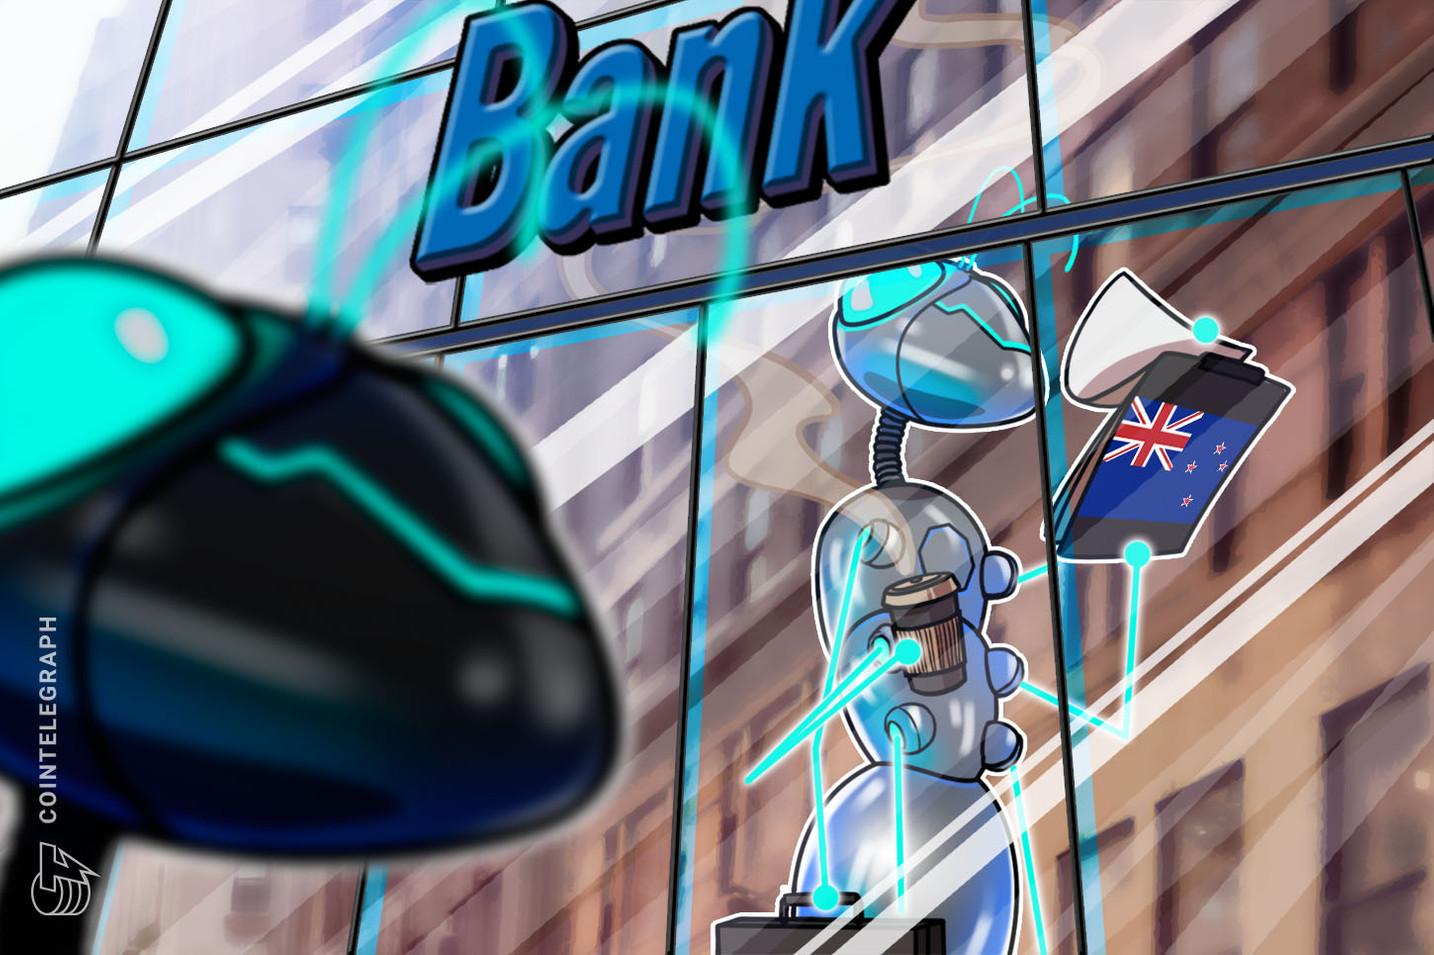 بنك نيوزيلندا ASB يستثمر في منصة بلوكتشين التجارية المحلية